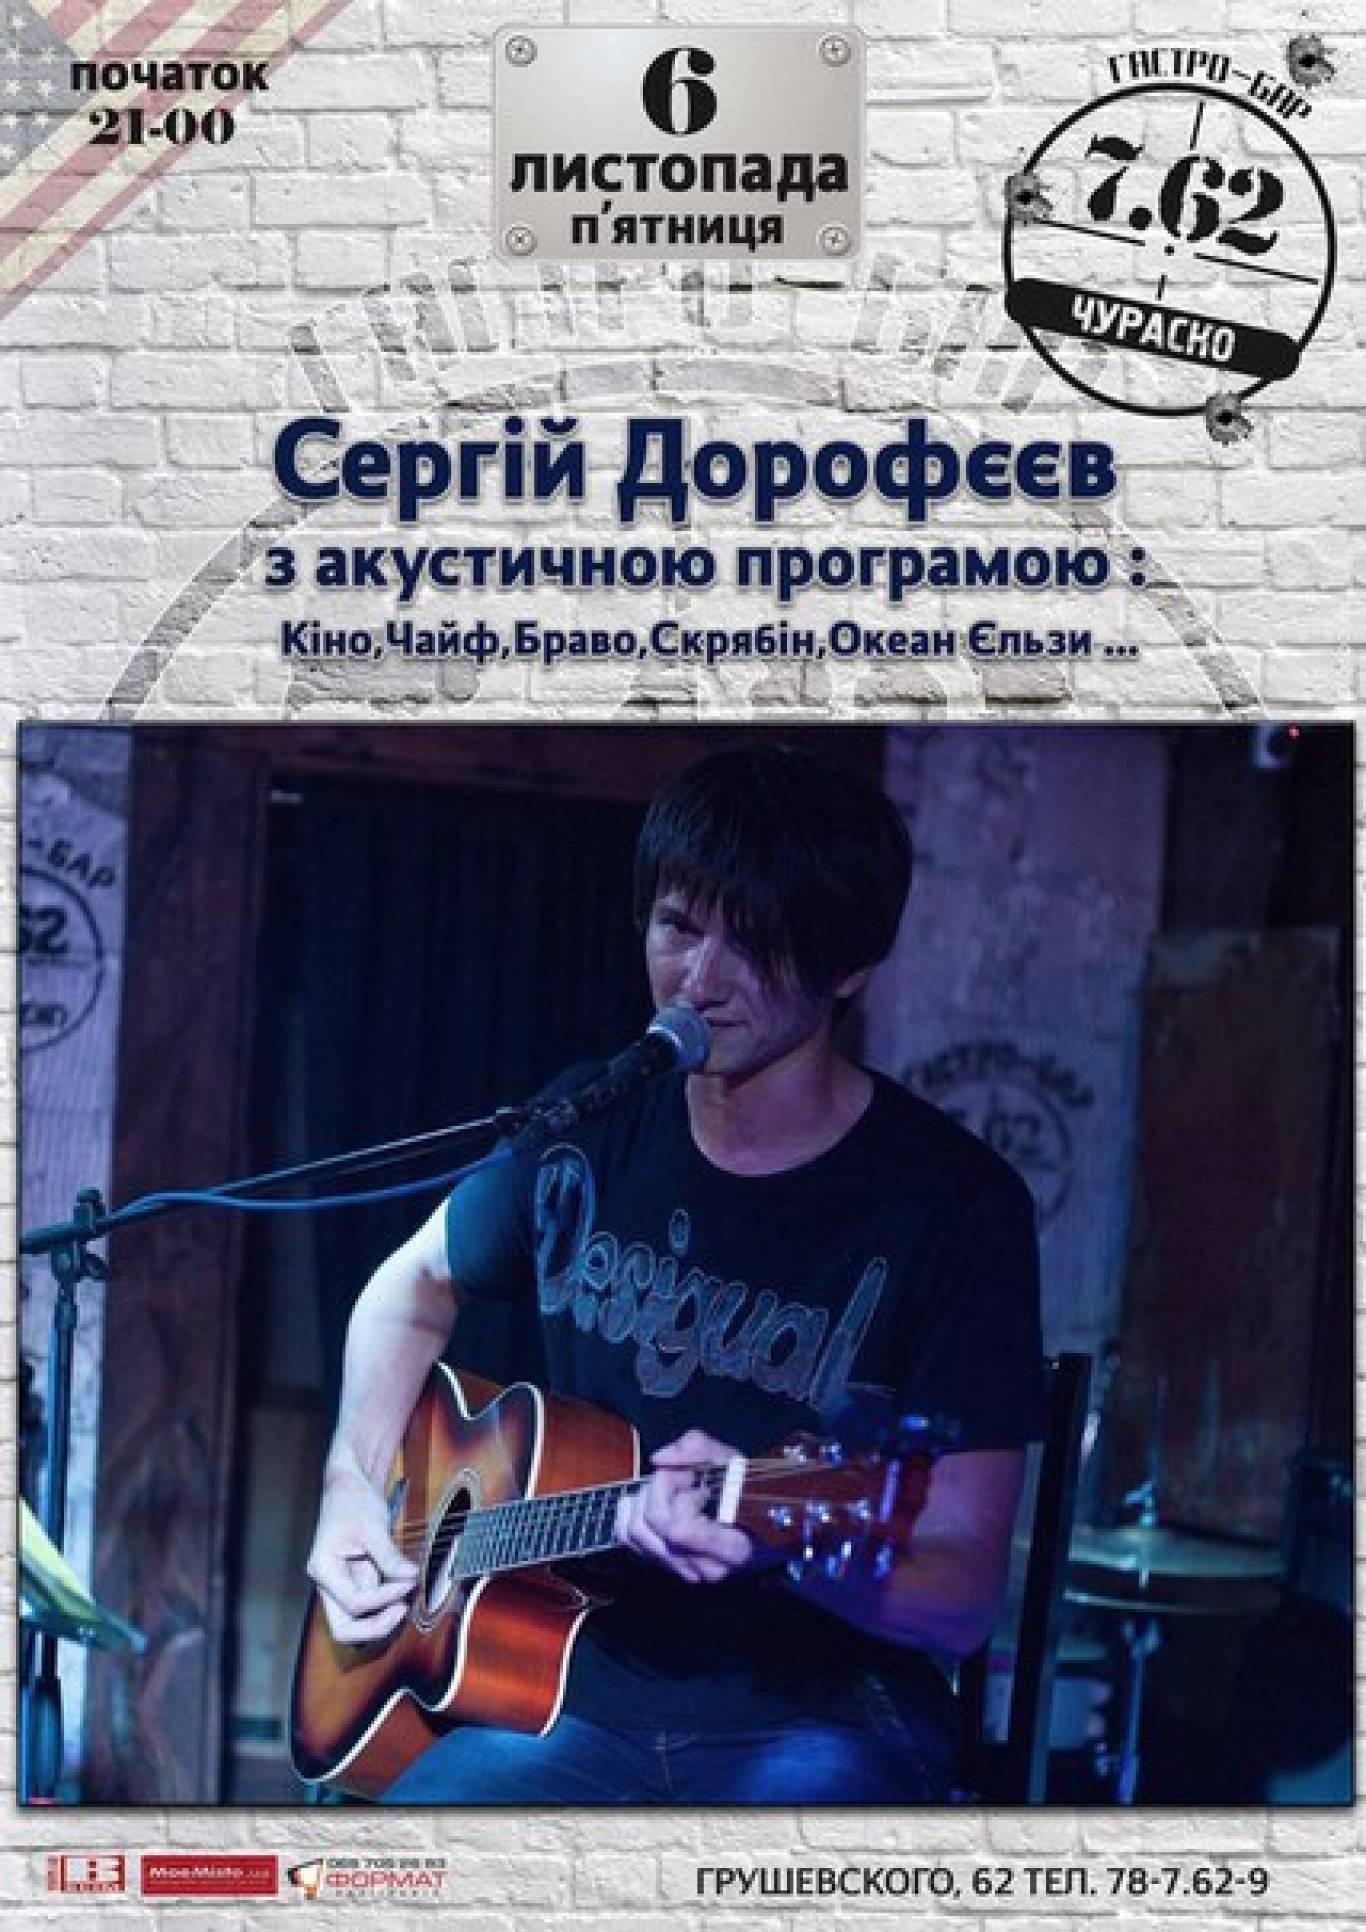 Сергій Дорофєєв з акустичною програмою